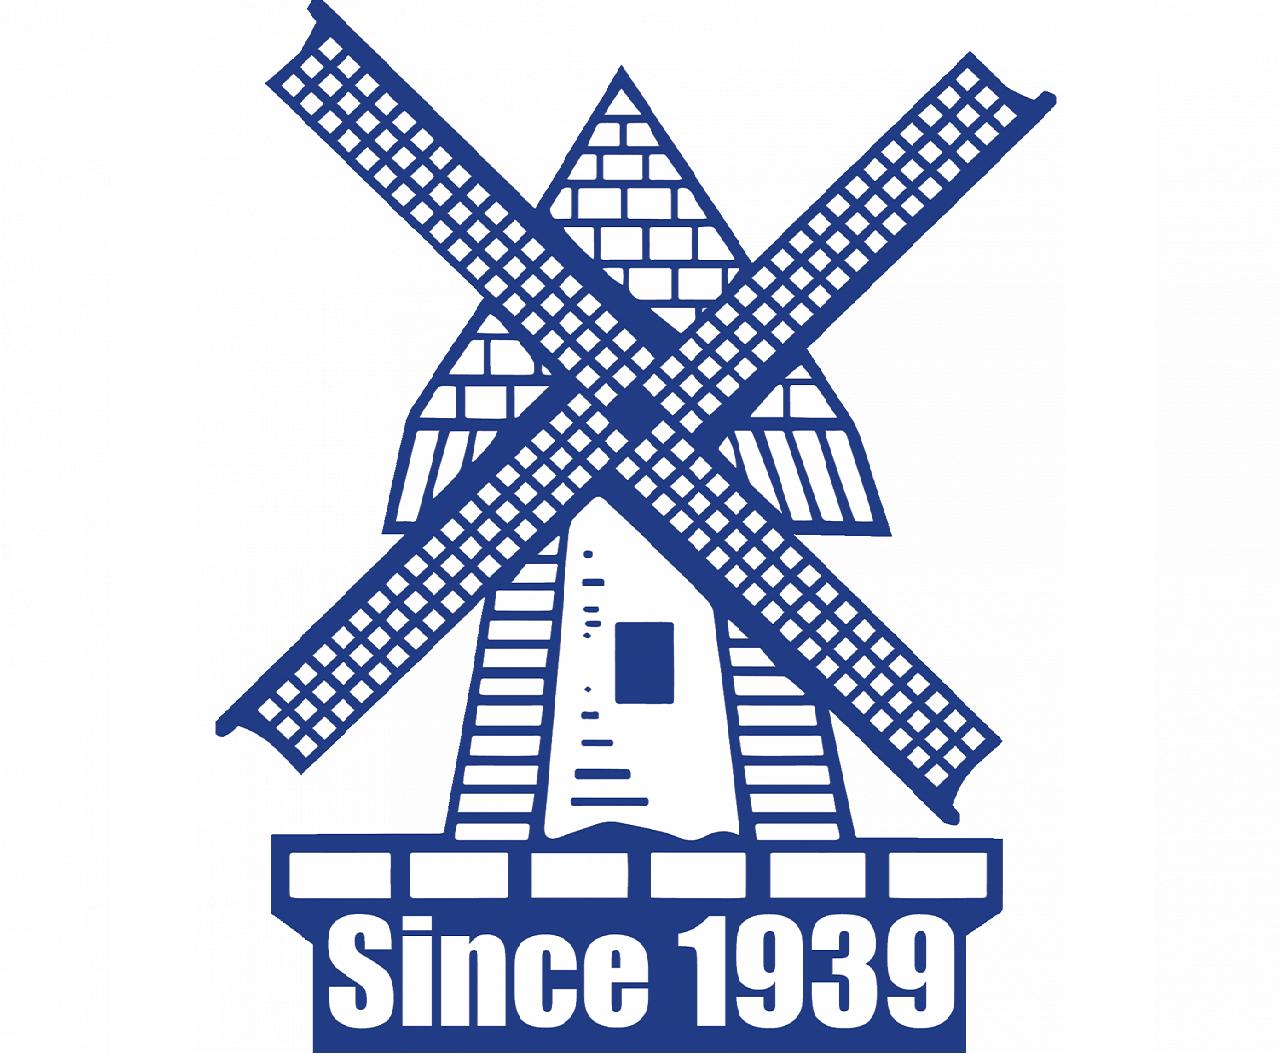 gmc topkick price 150 00 [ 1280 x 960 Pixel ]